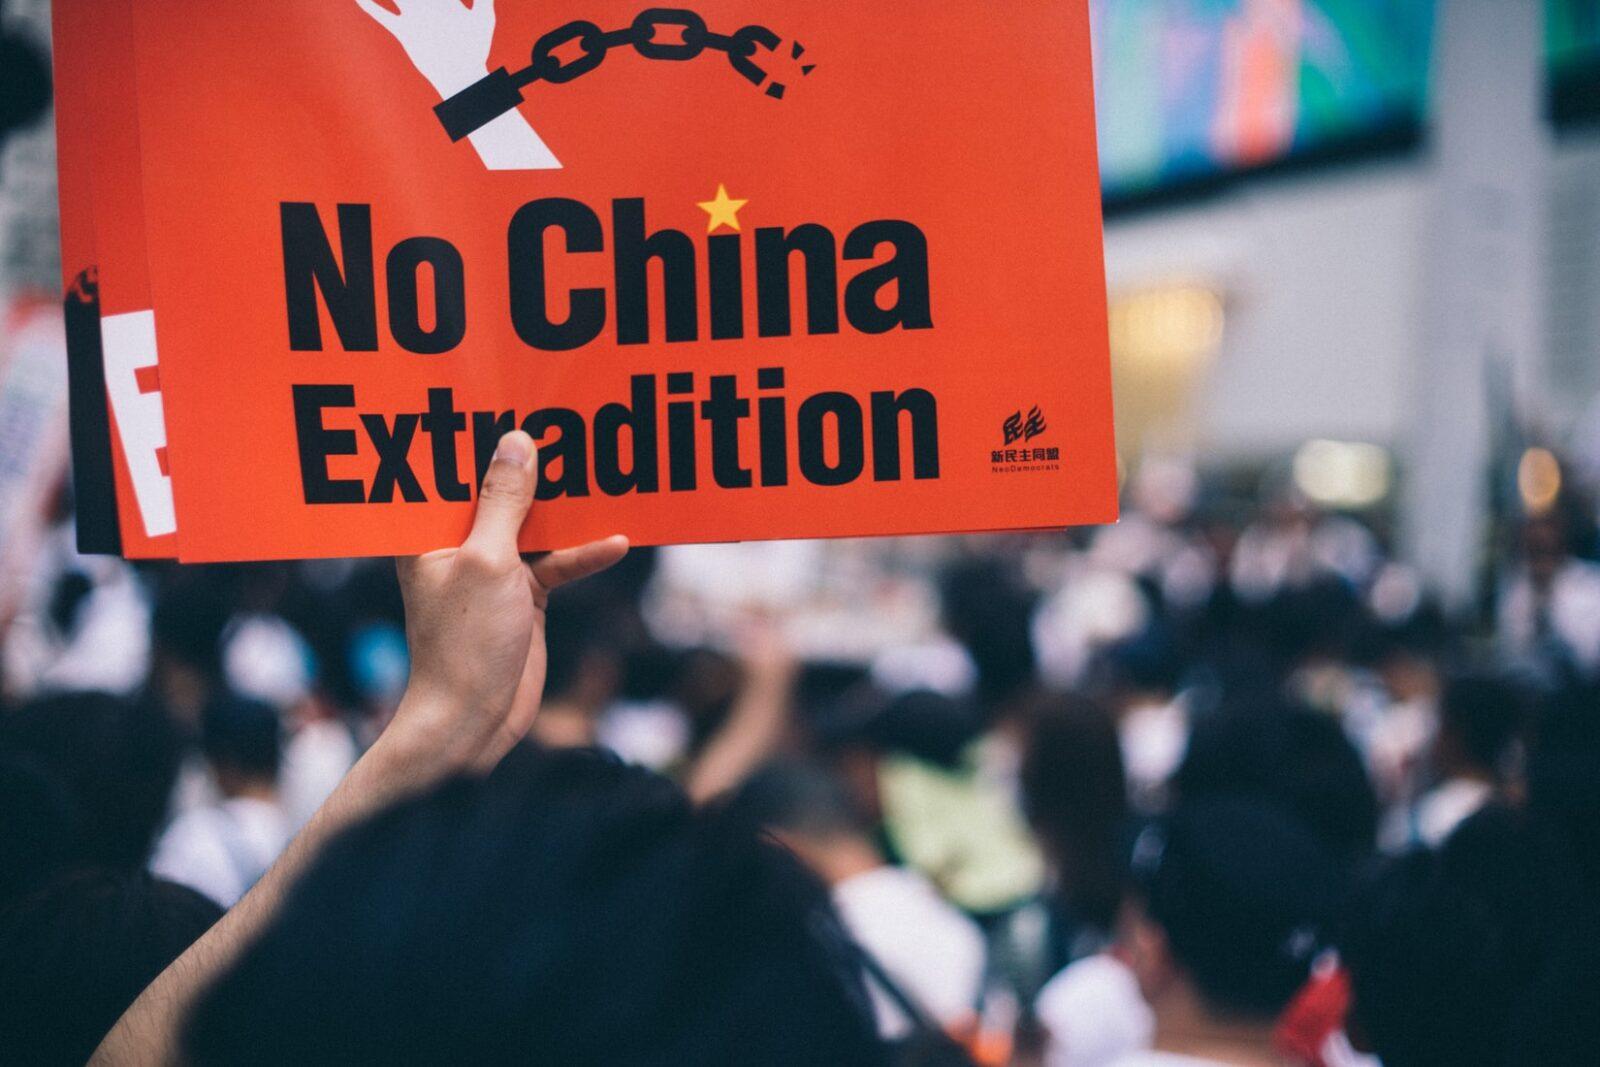 สรุปกรณี จีนใช้ Twitter แทรกแซงการประท้วงที่ฮ่องกง เกิดอะไรขึ้นกันแน่